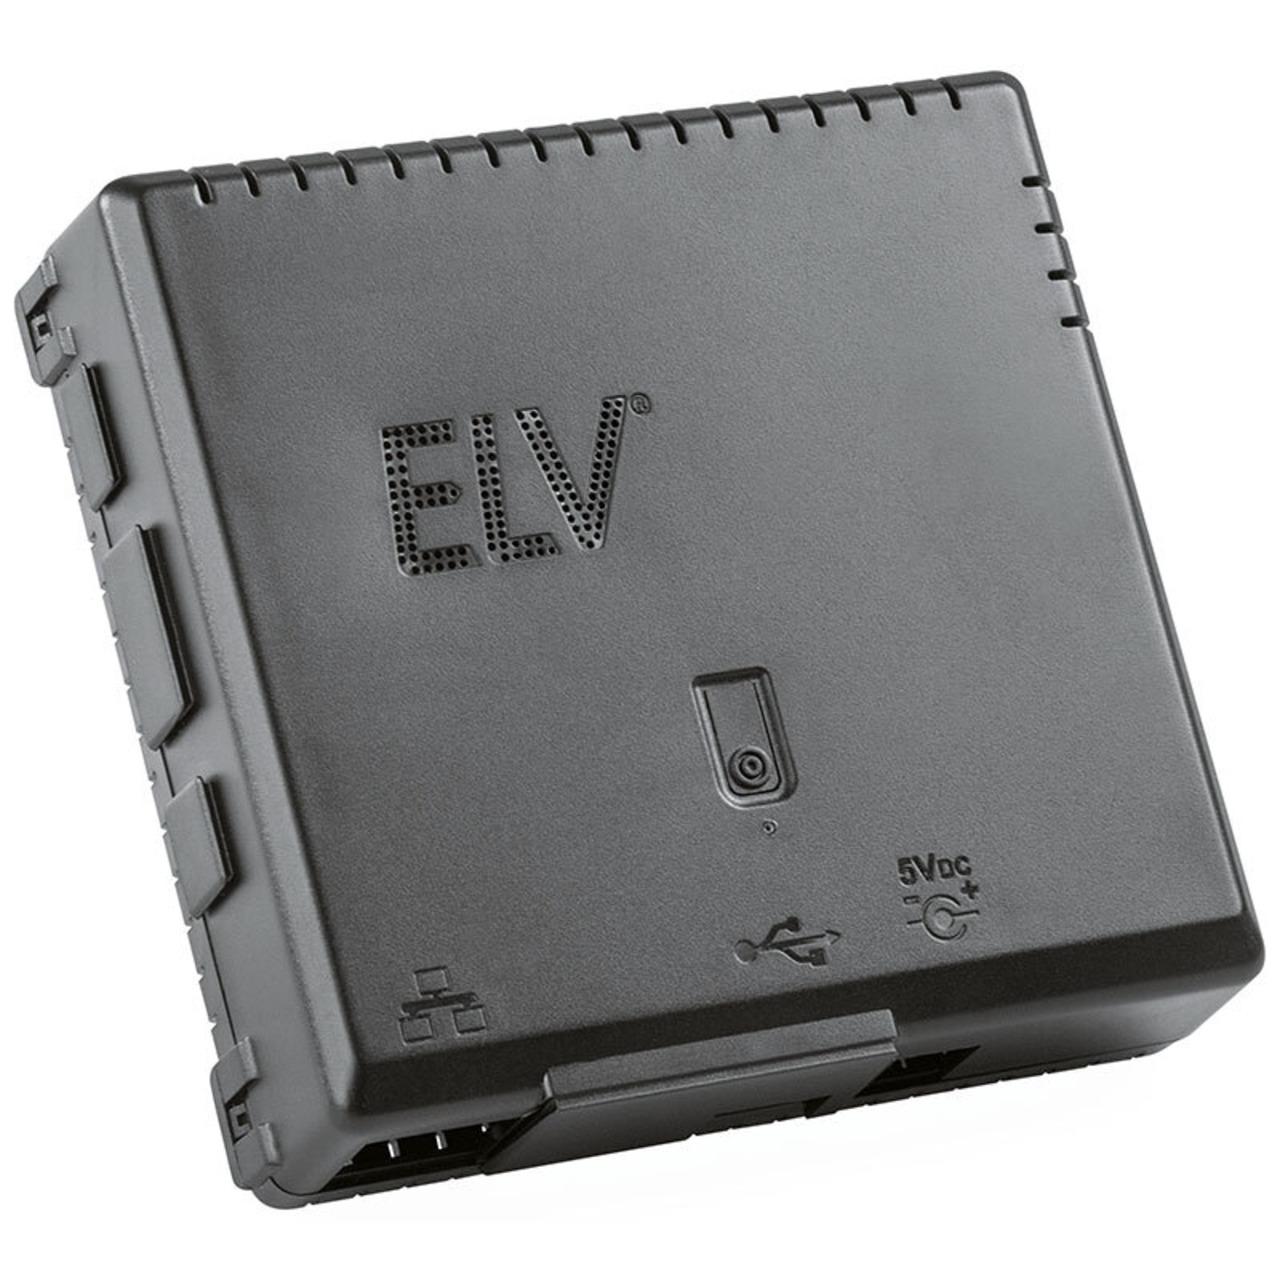 ELV Komplettbausatz Gehund-228 use RP-Case fund-252 r Raspberry Pi und RPI-RF-MOD Funk-Modulplatine- schwarz